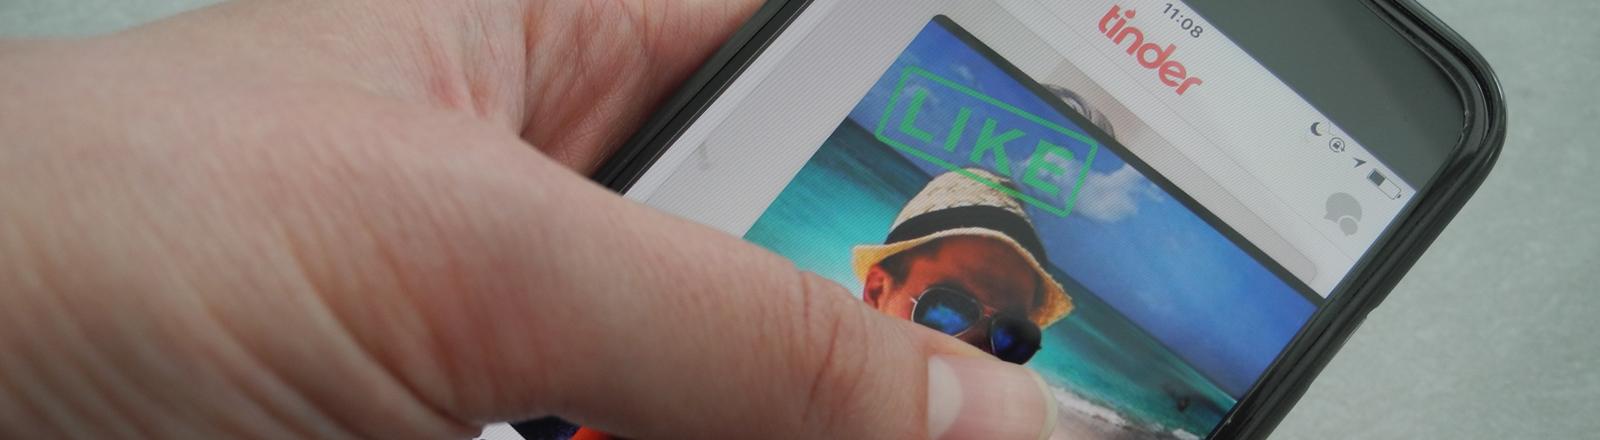 Ein Nutzer hält ein Smartphone auf dem die App Tinder läuft.